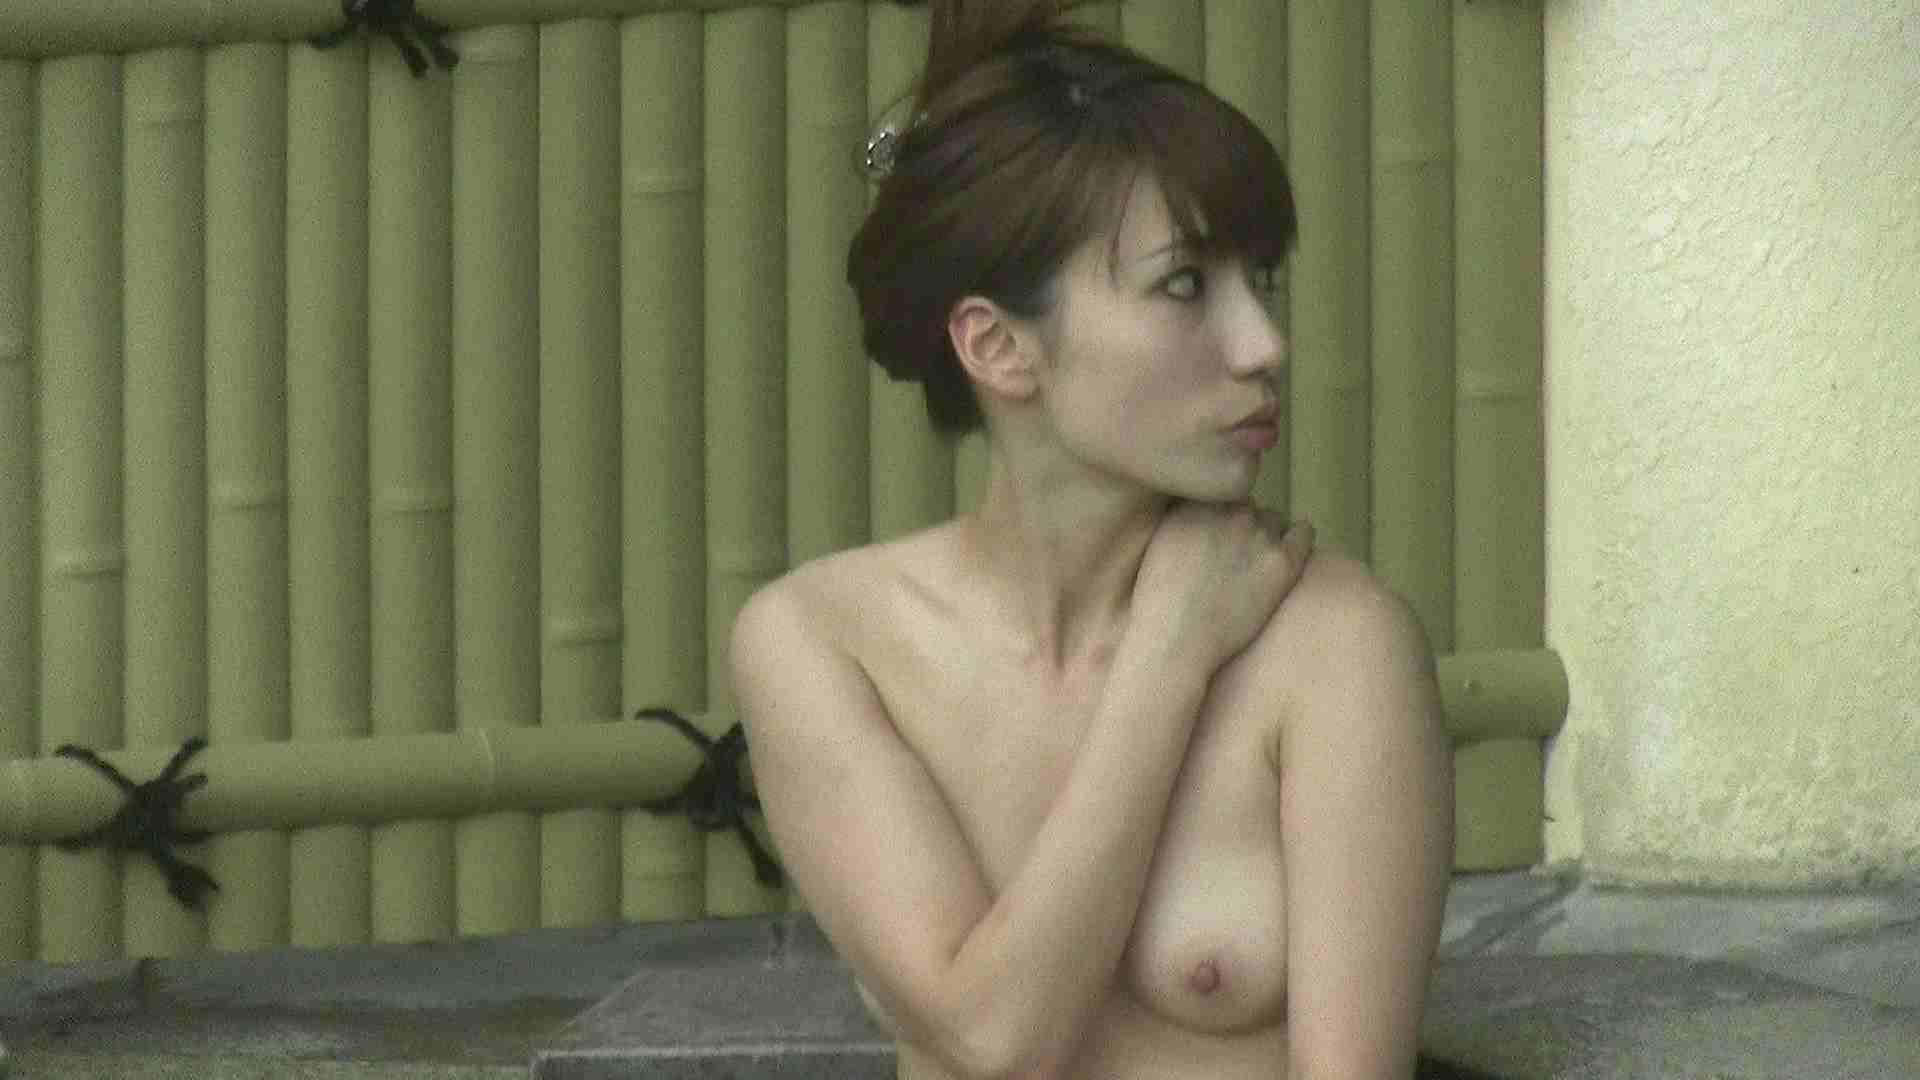 Aquaな露天風呂Vol.208 露天風呂 | 盗撮  54連発 25